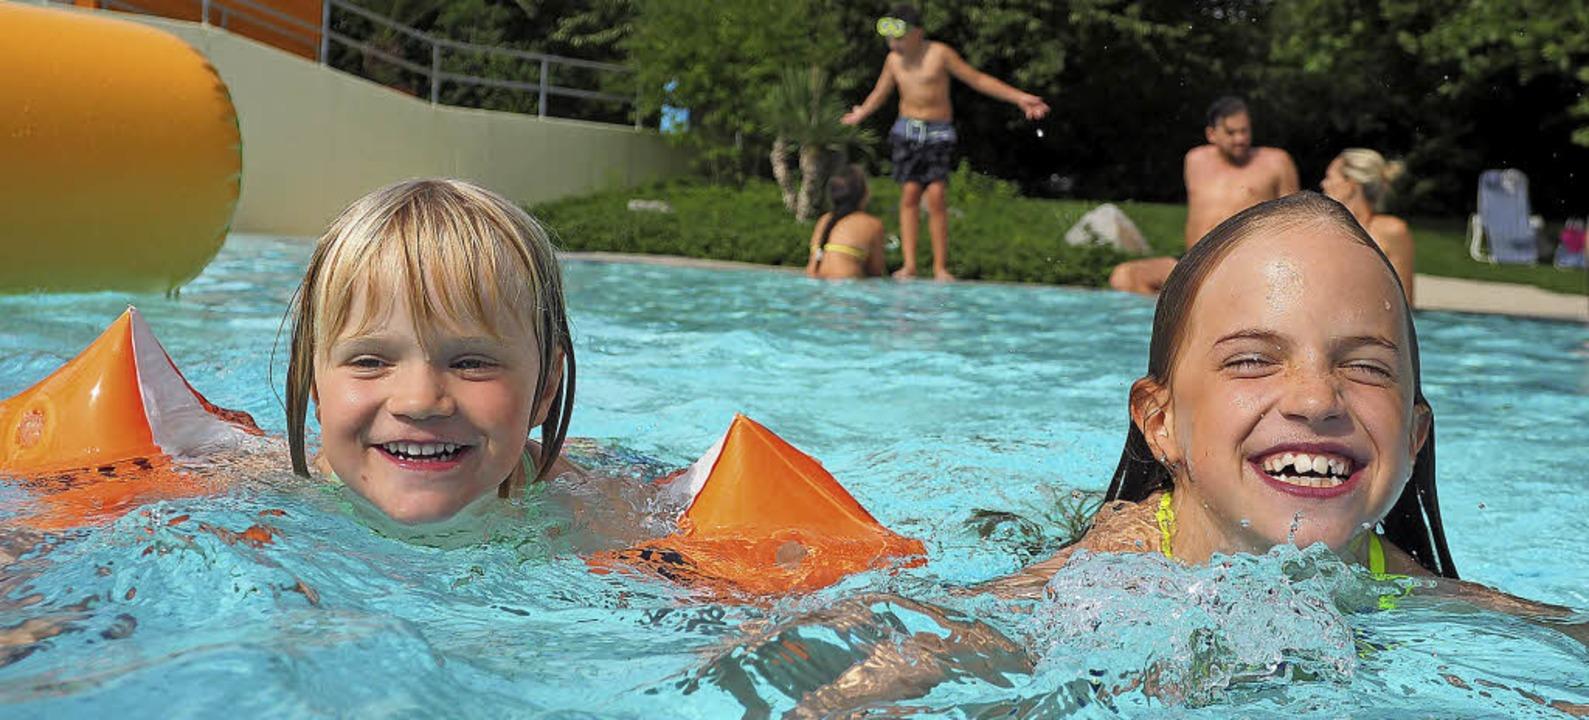 So macht auch die größte Hitze Spaß: Badenixen im Aquarado Bad Krozingen   | Foto: Kur und Bäder GmbH